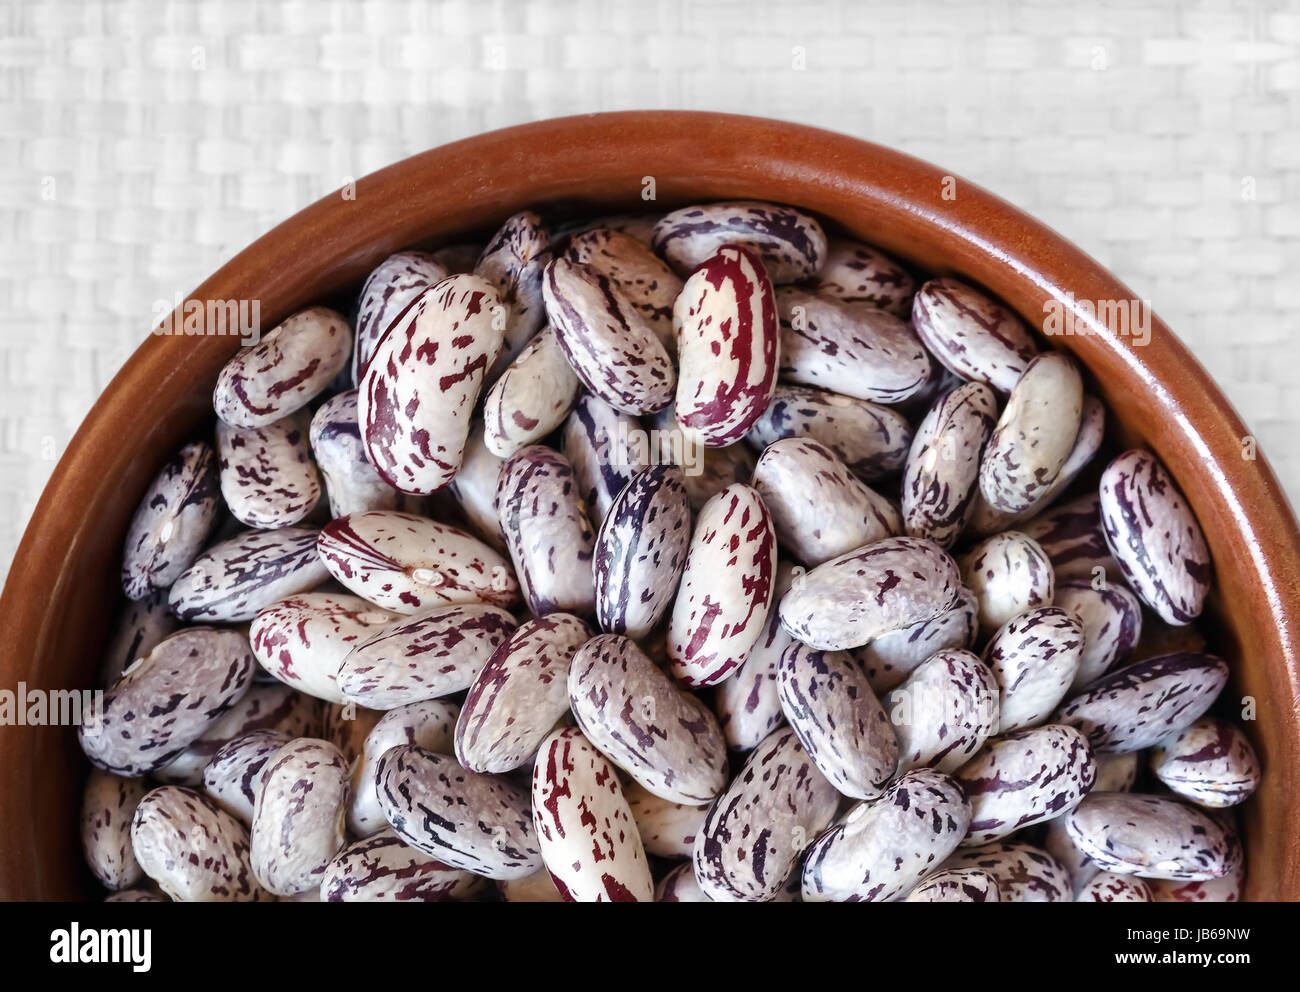 Ciotola piena di chicchi crudi, su sfondo bianco. Vista da sopra. Immagini Stock